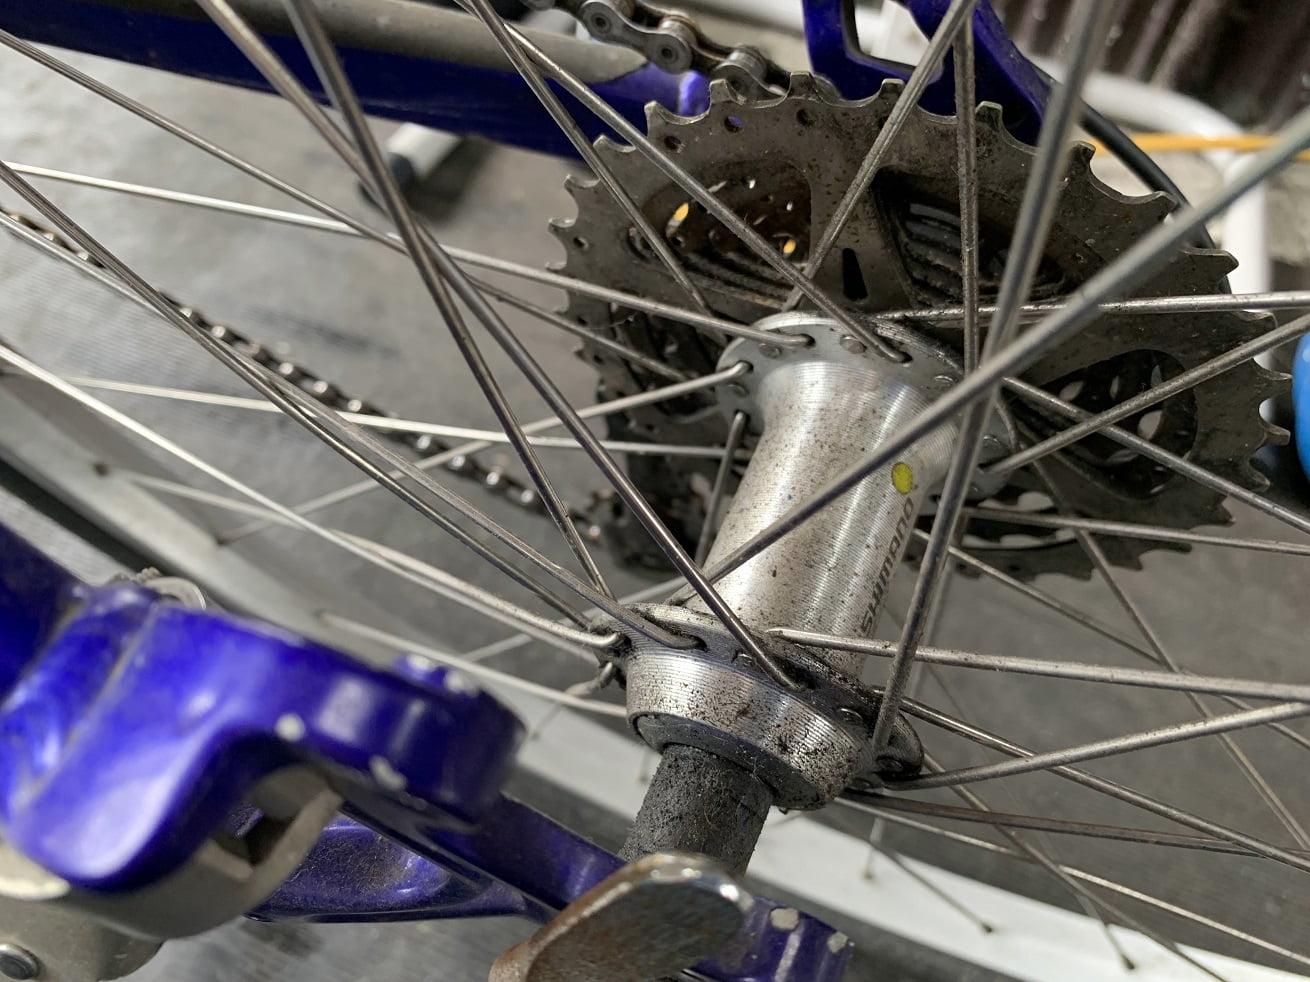 自転車洗車前のマウンテンバイク後輪